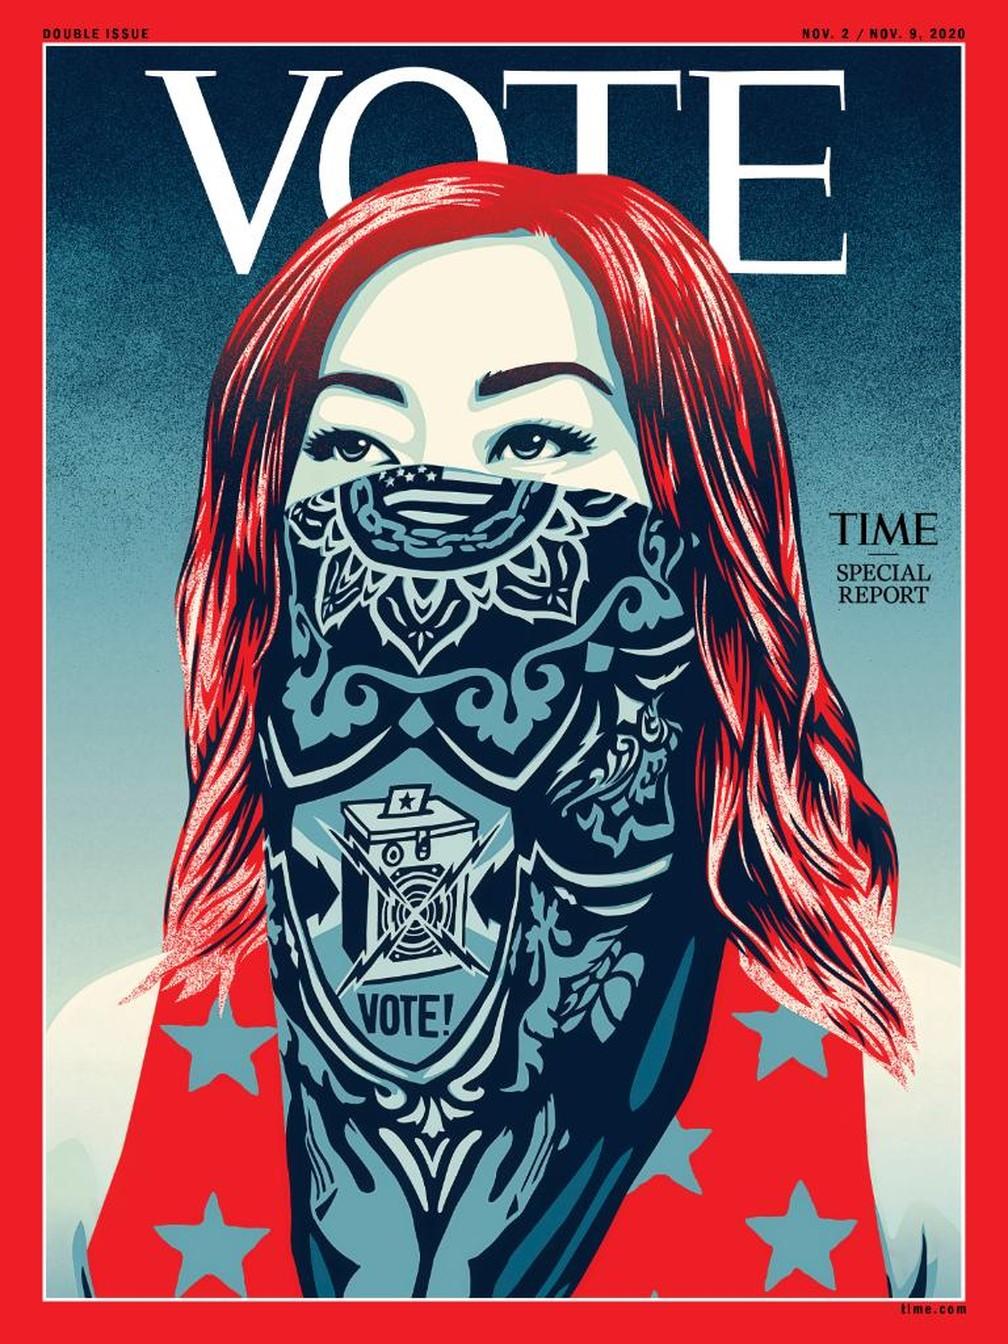 """Revista """"Time"""" mudou como seu nome aparece na capa pela primeira vez na história: """"Vote"""" — Foto: Reprodução/Twitter/Time"""